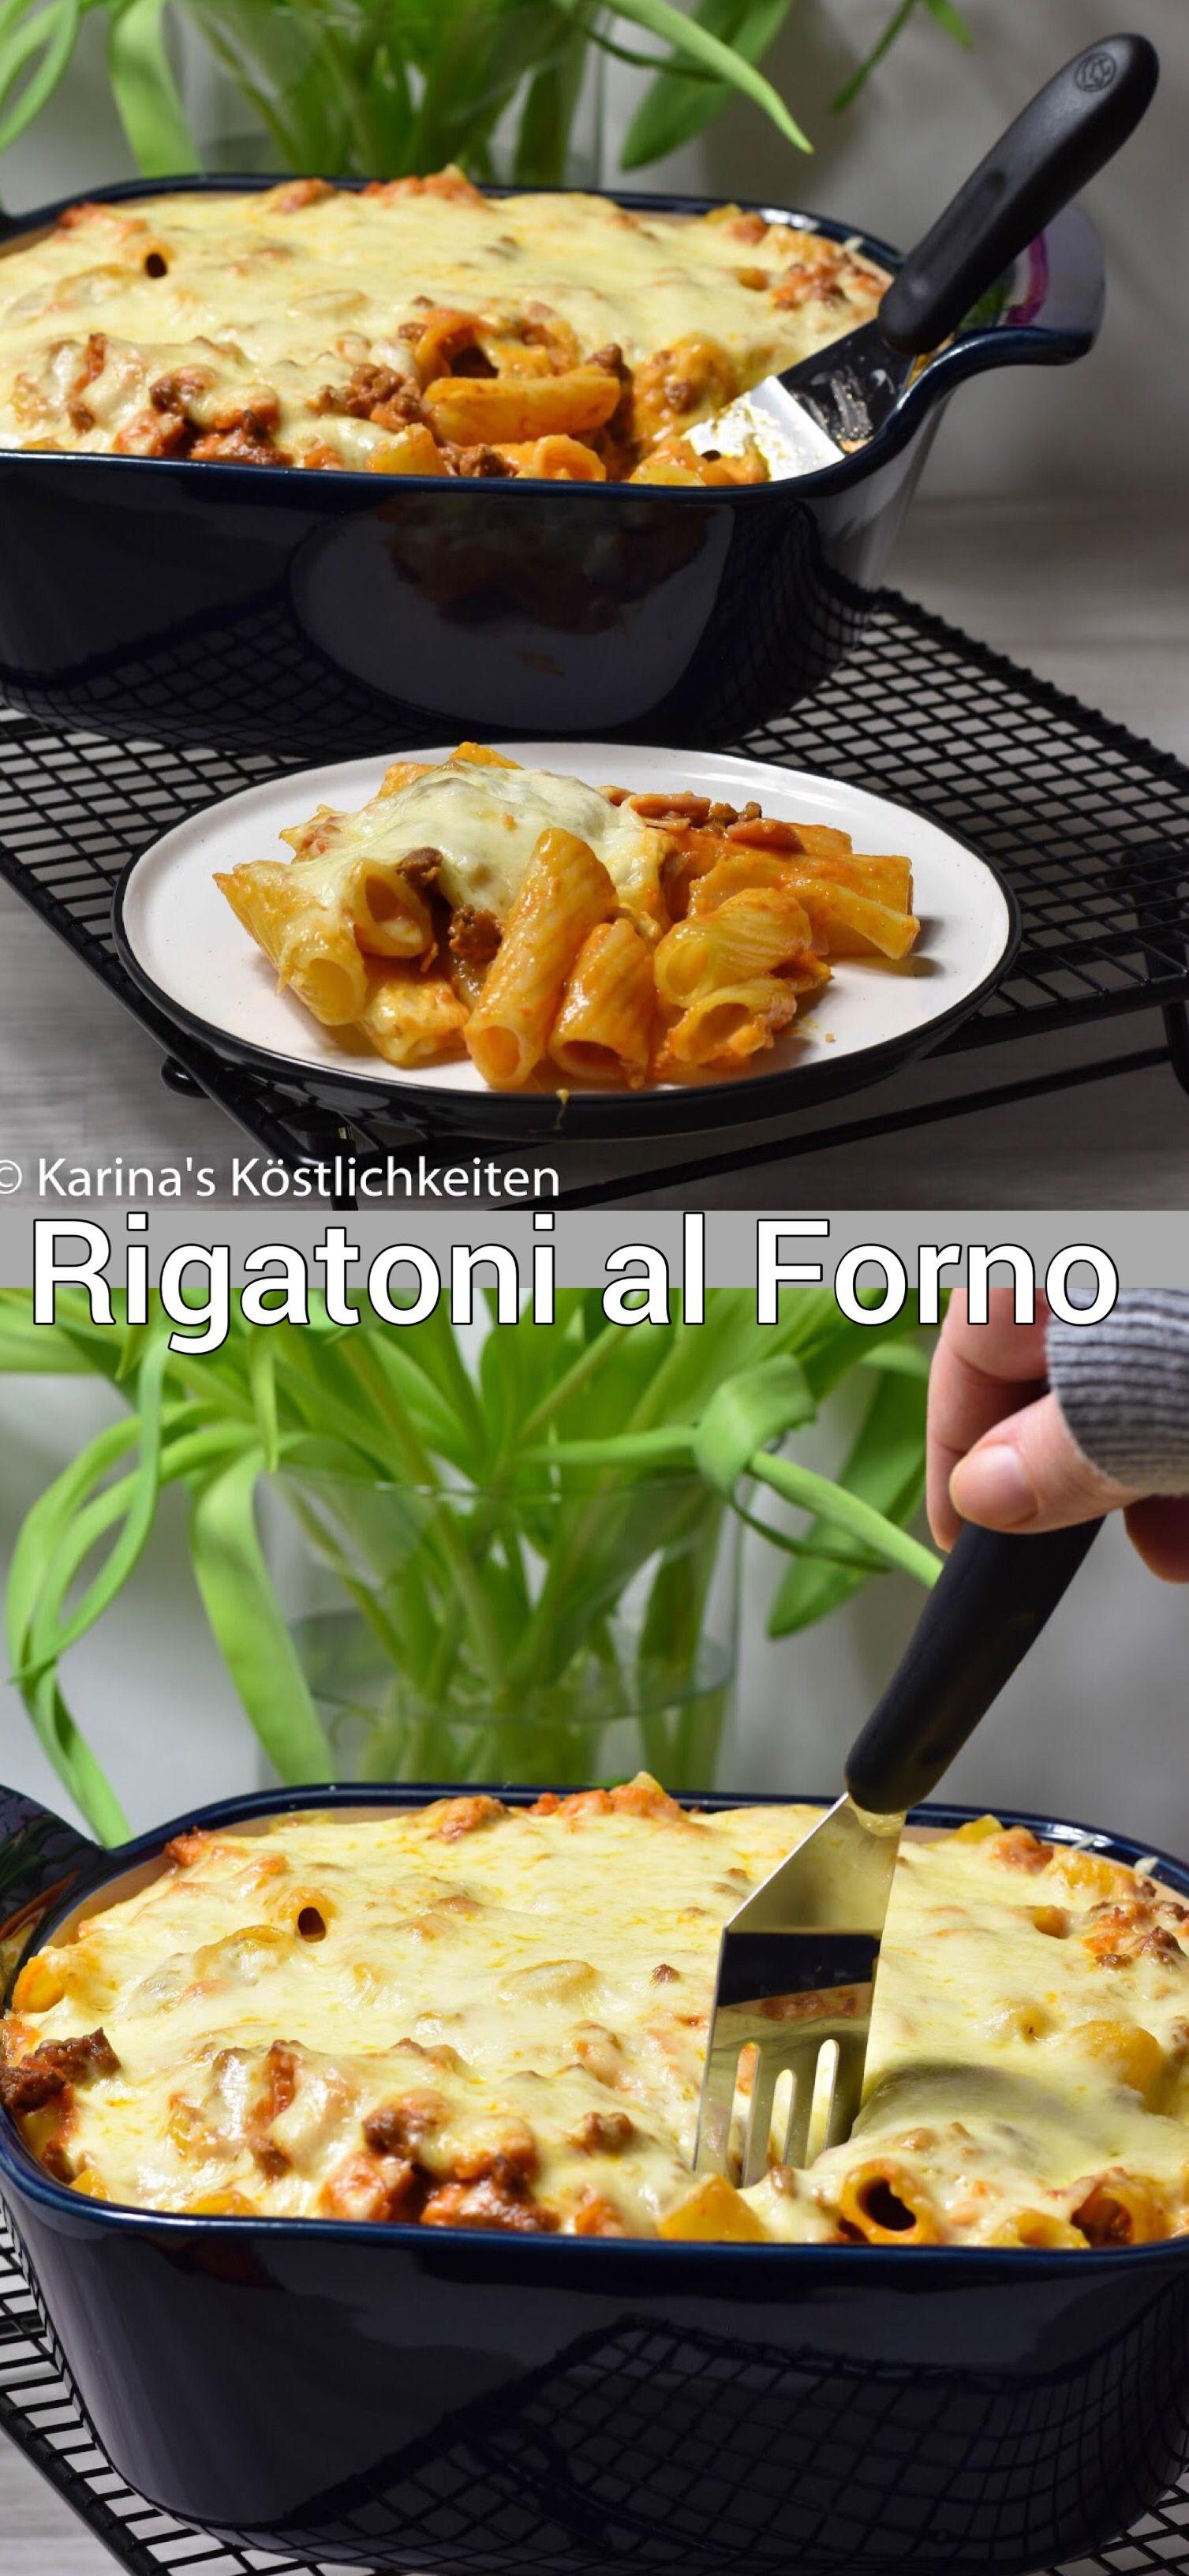 Rigatoni al Forno